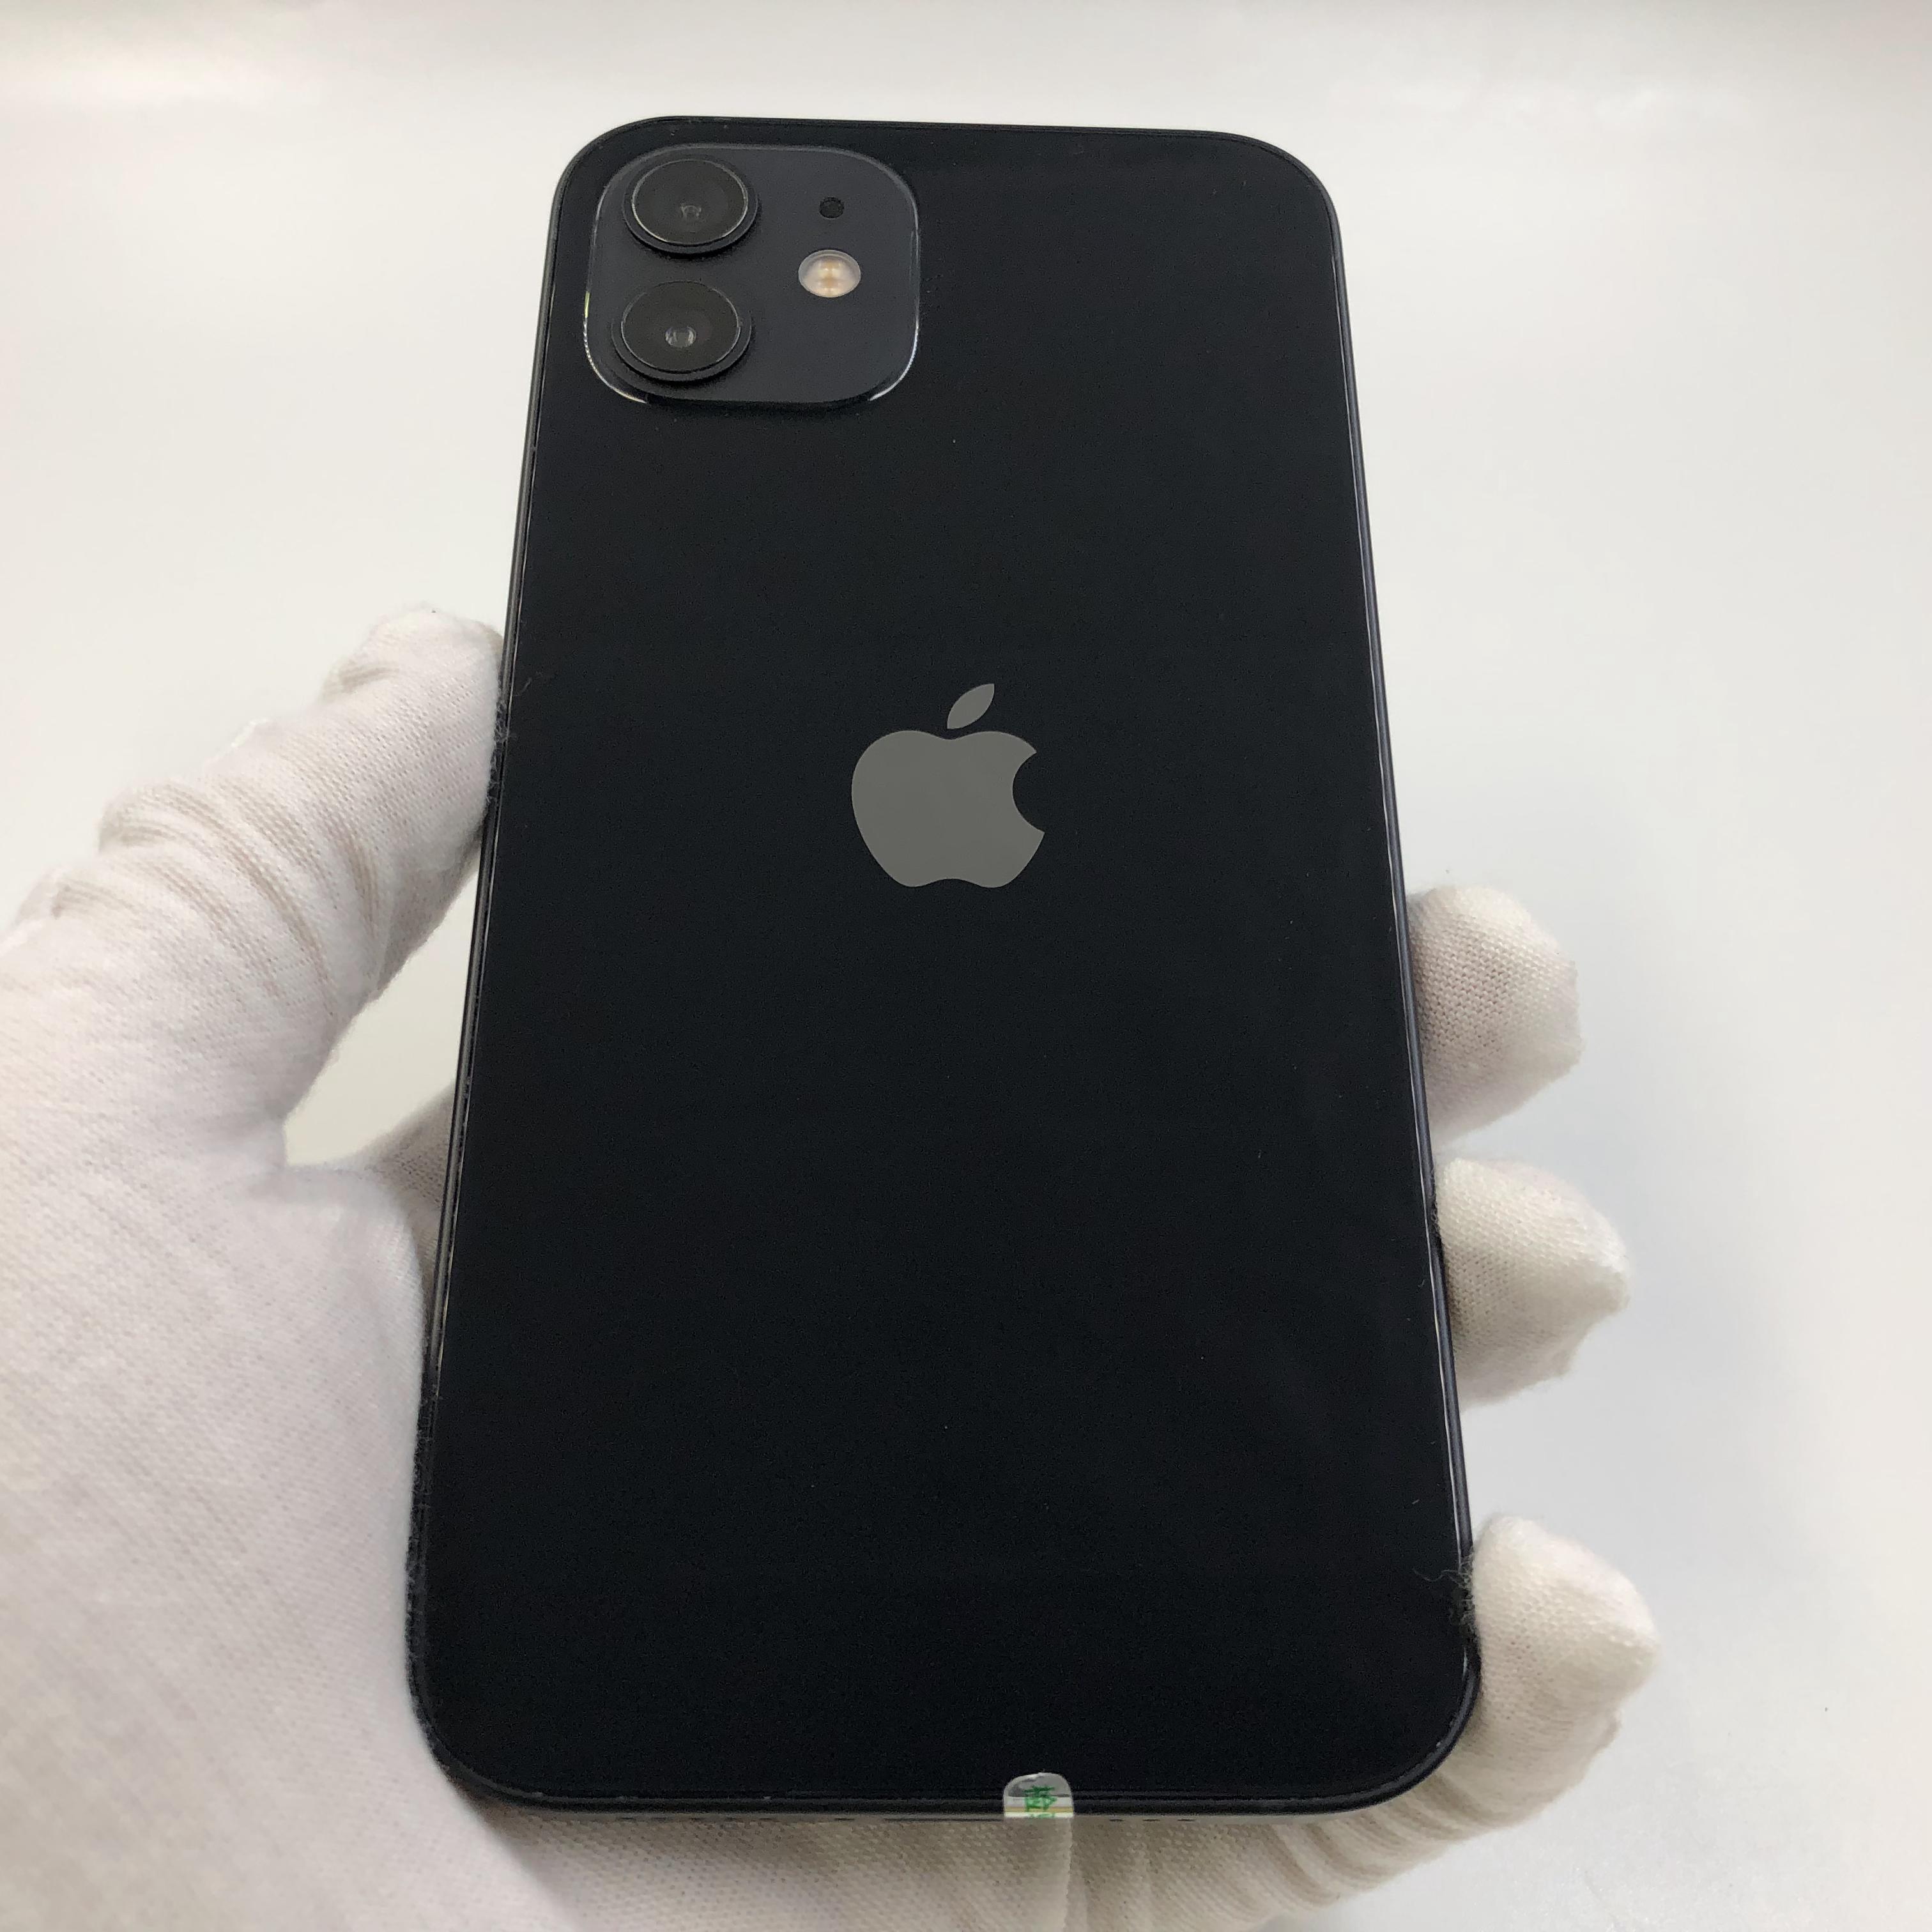 苹果【iPhone 12】5G全网通 黑色 128G 国行 8成新 真机实拍